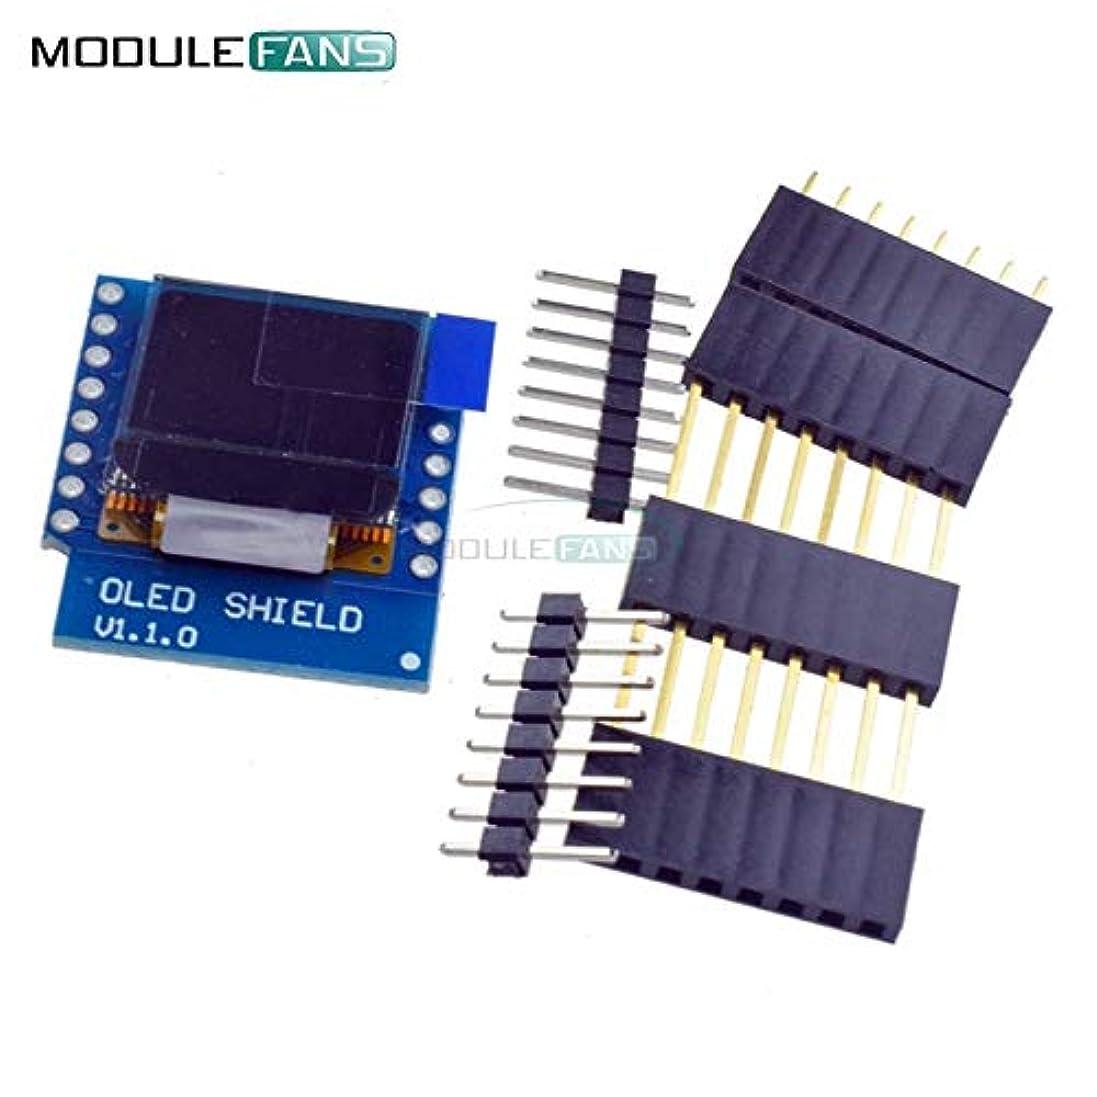 アルファベット順平均エゴマニアSSD1306 OLEDシールドWeMos D1ミニIIC I2C IOT 0.66インチ64X48 Arduino対応モジュール3.3V WeMos D1ミニ